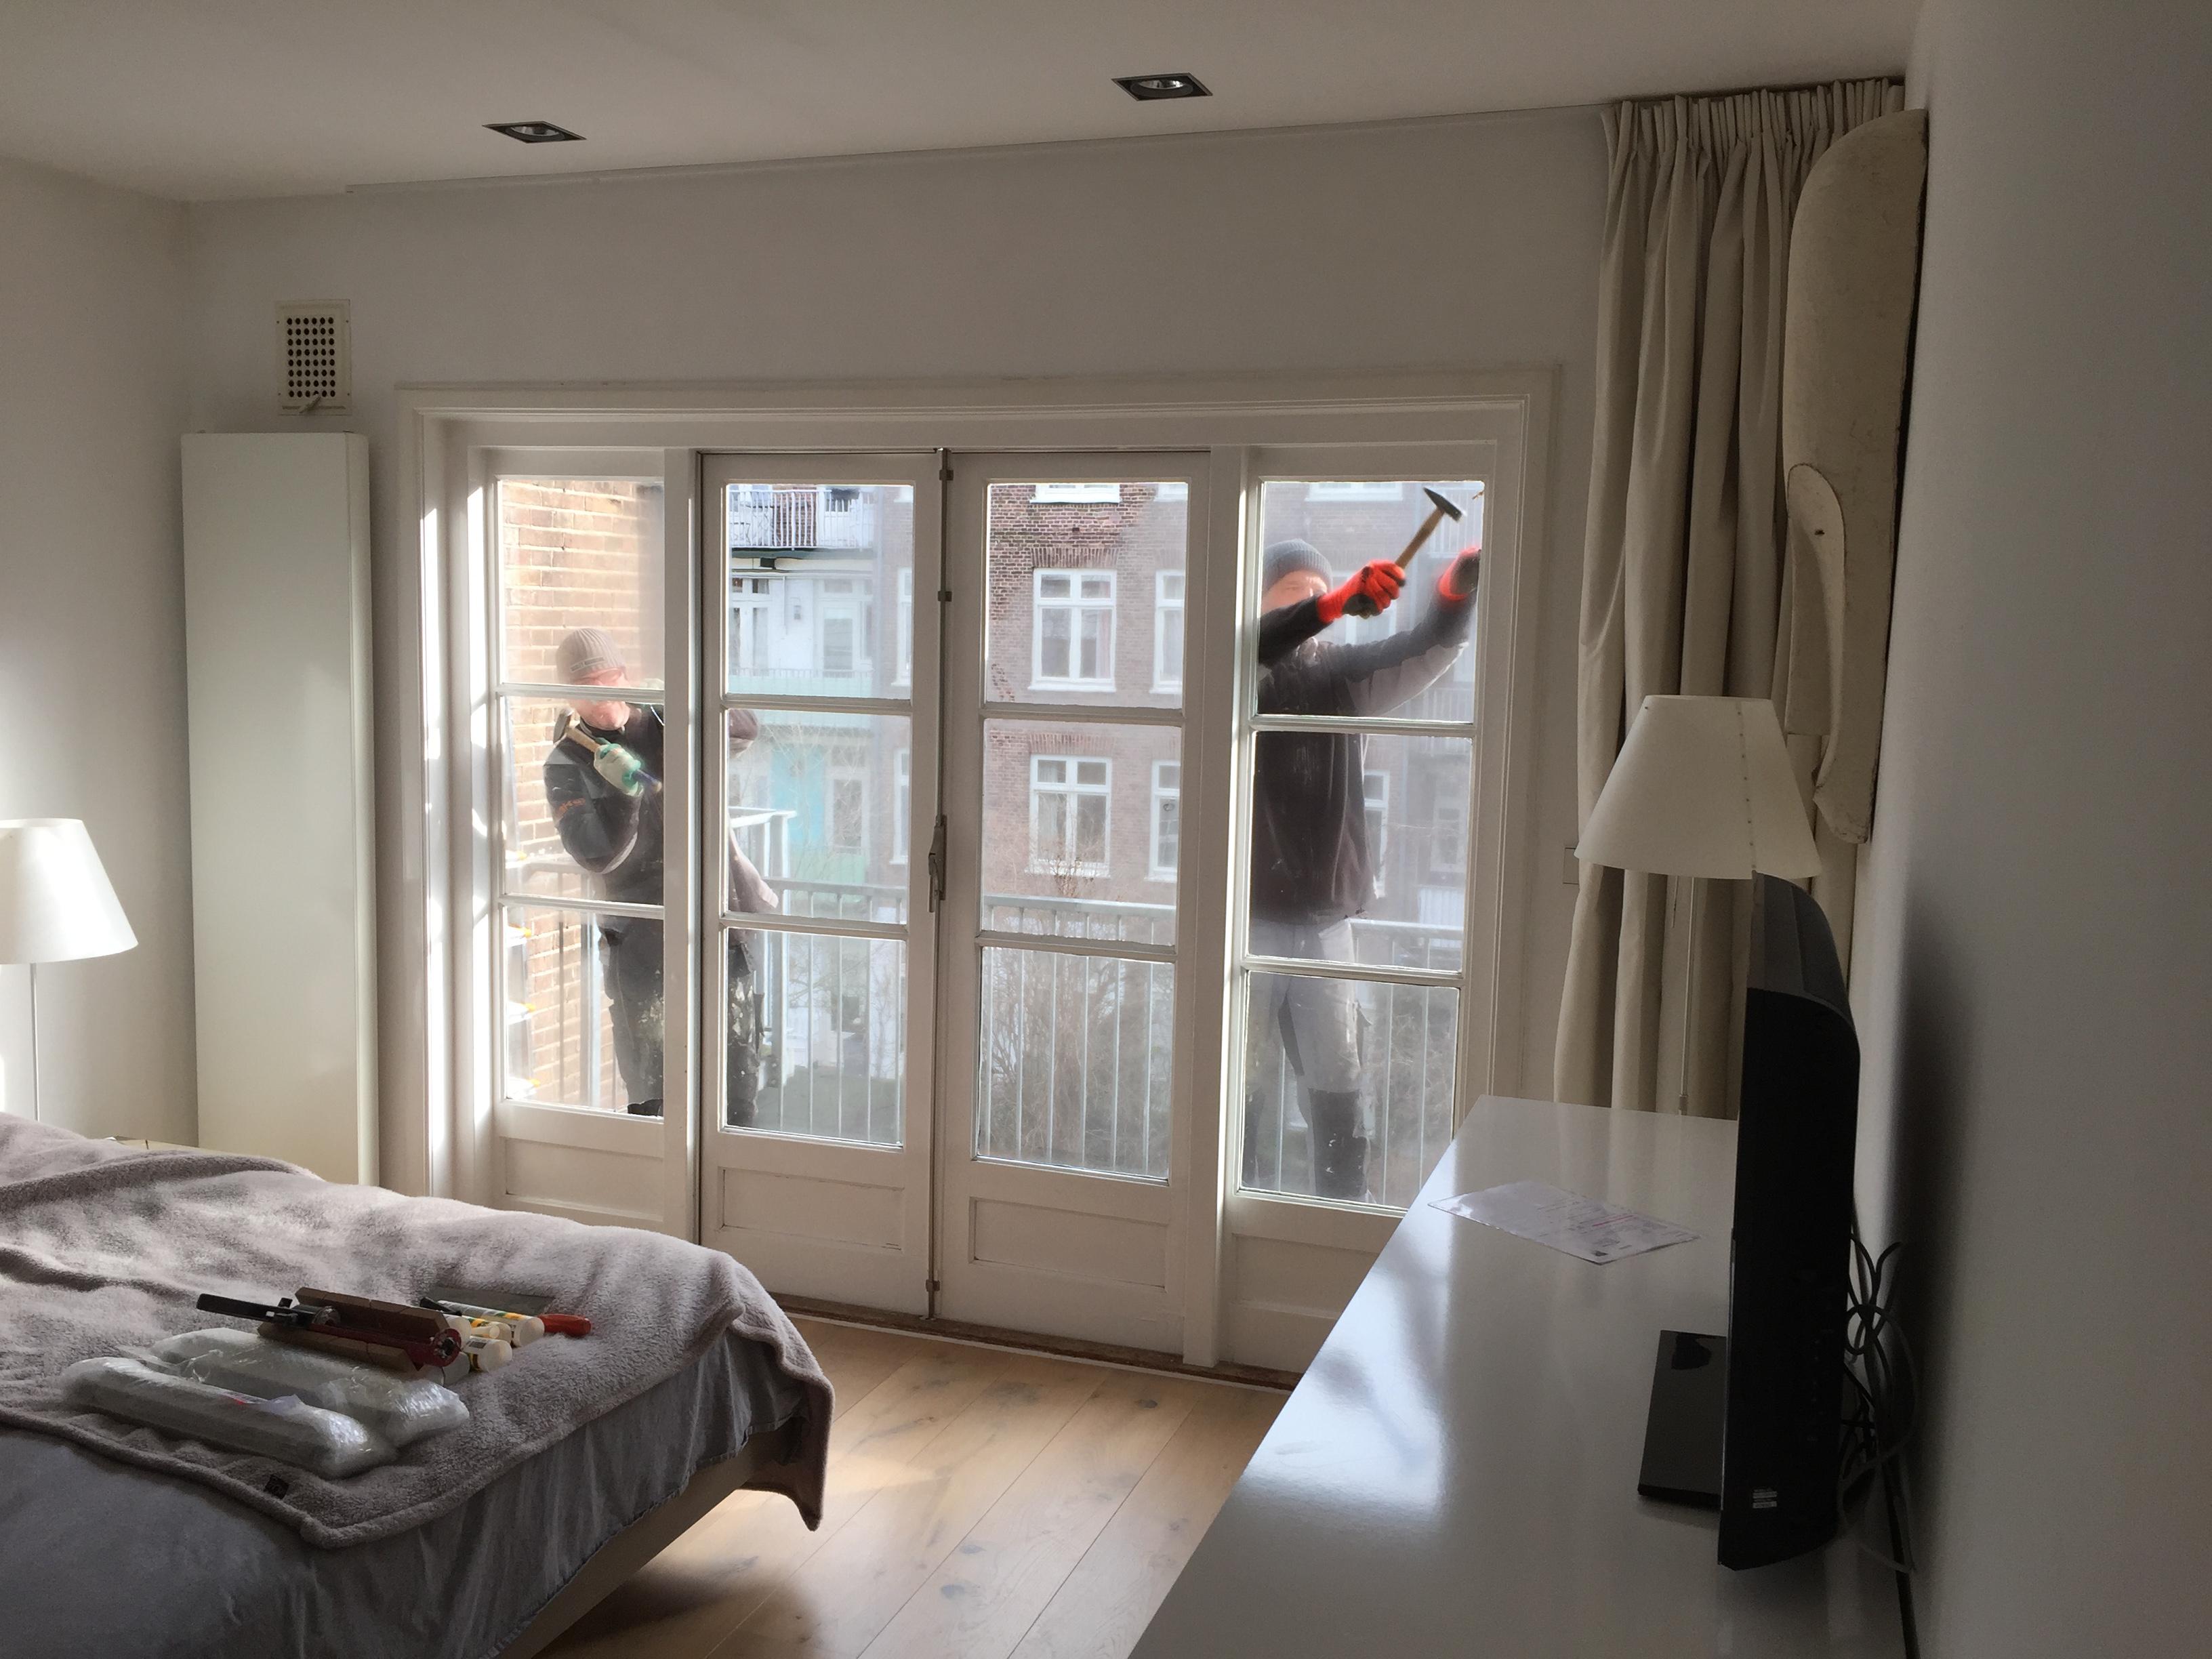 Dubbel glas in de slaapkamer voordemakers